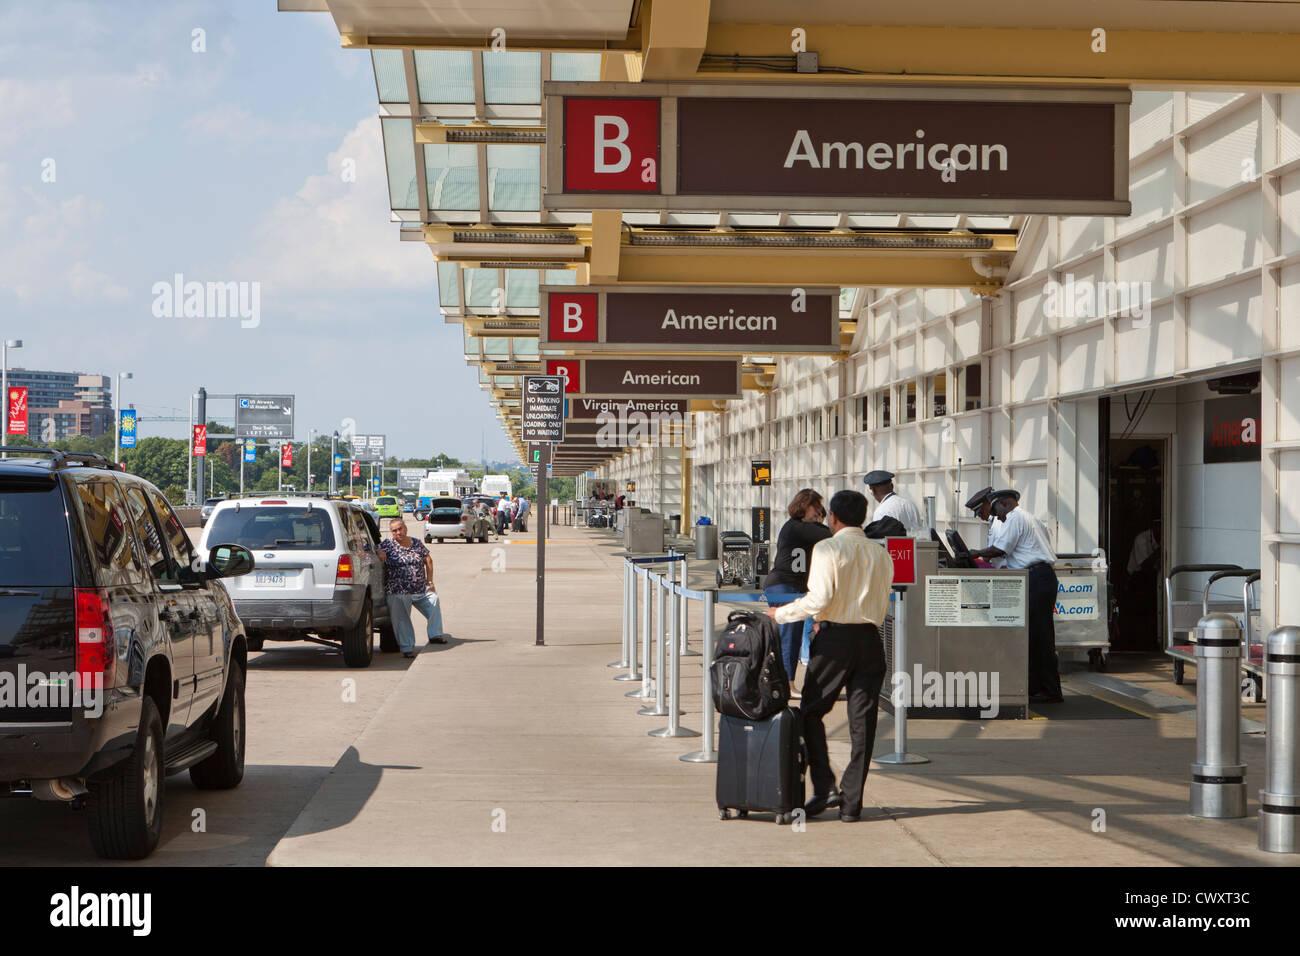 Bordstein-Seite Gepäck Check-in-Bereich - Ronald Reagan National Airport (DCA) - Washington, DC USA Stockbild